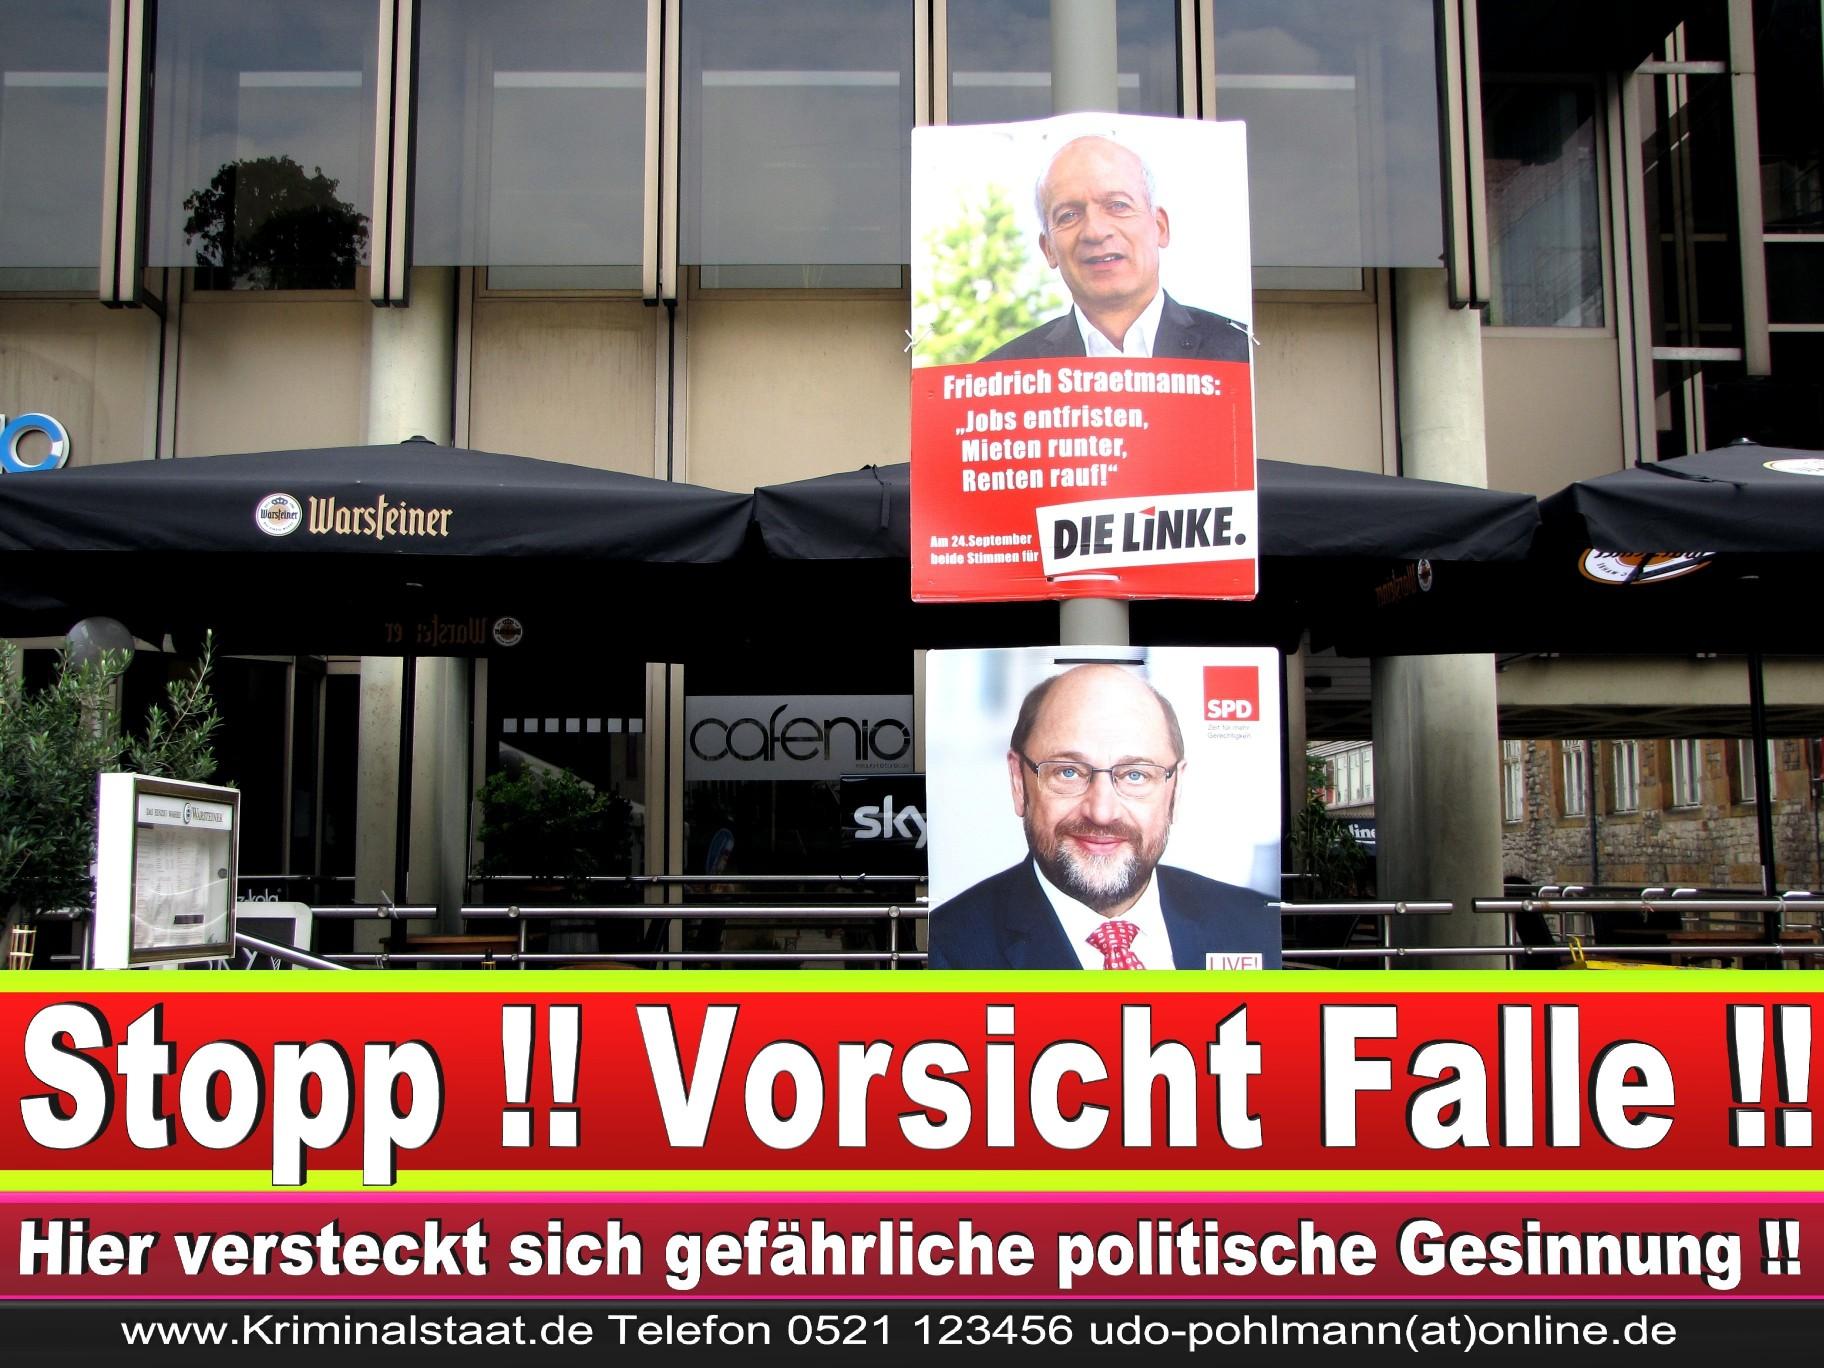 Wahlwerbung Wahlplakate Landtagswahl 2019 Europawahl CDU SPD FDP 2021 (26)